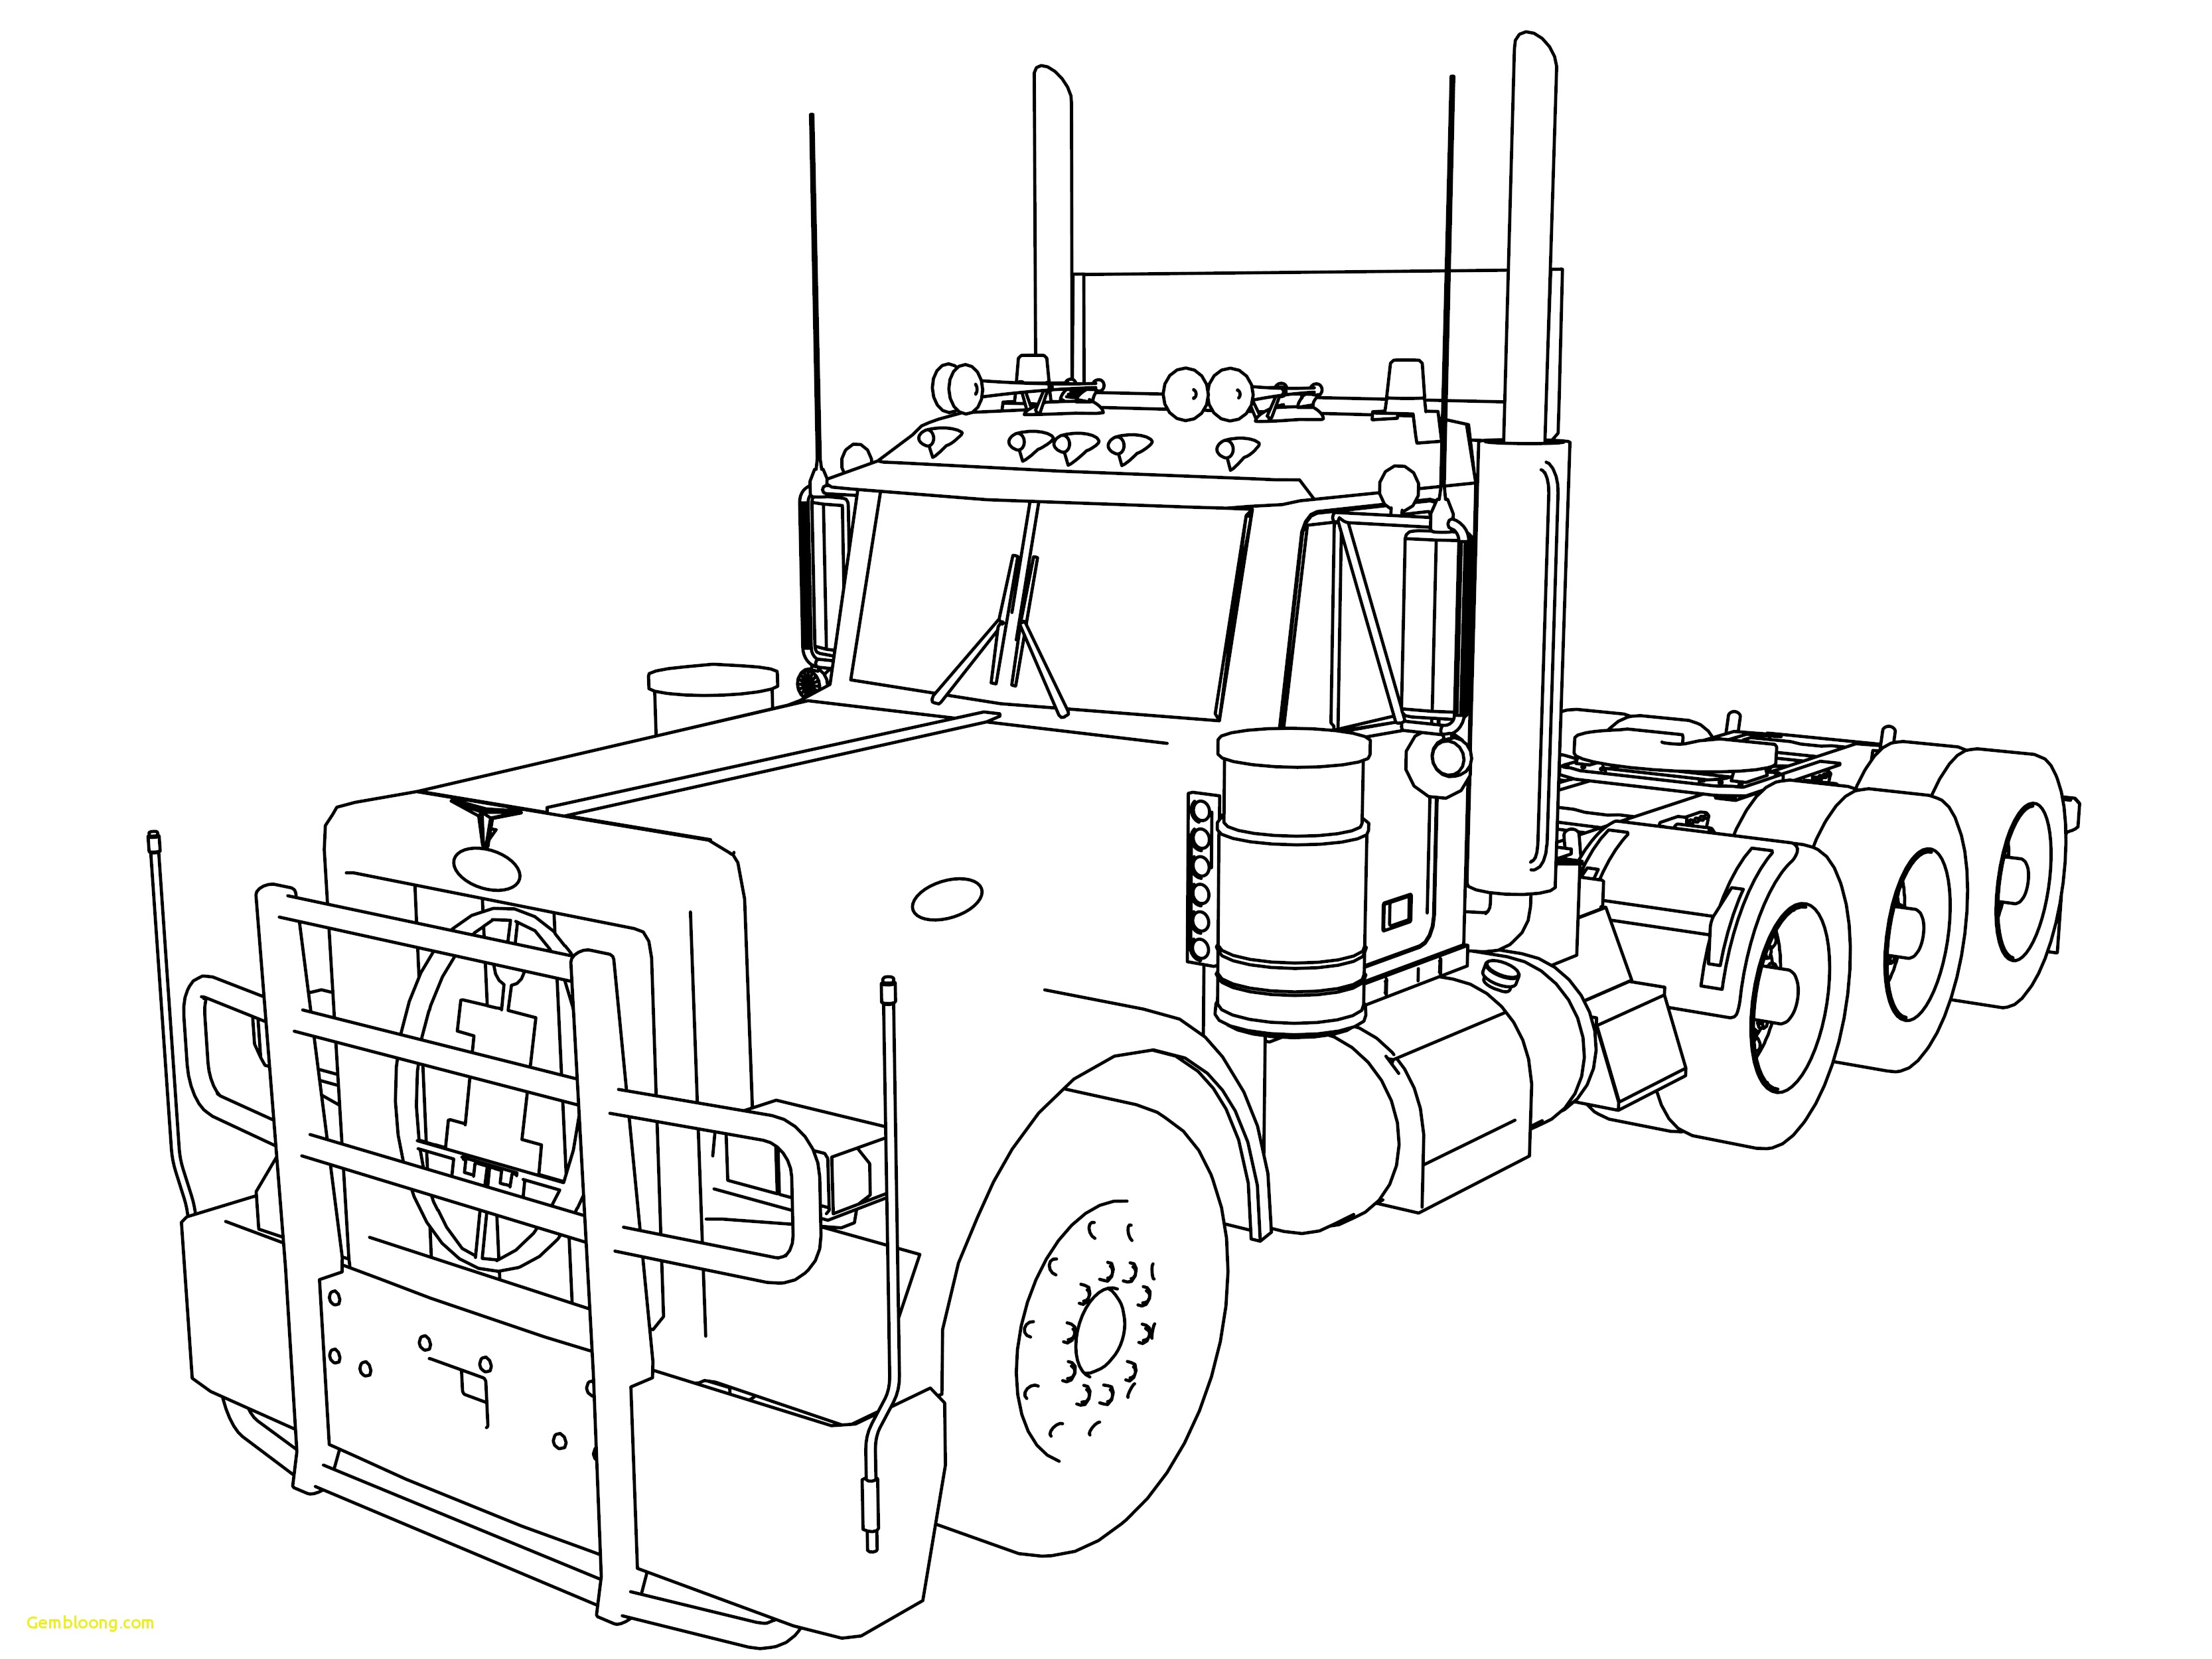 Peterbilt Drawing At Getdrawings